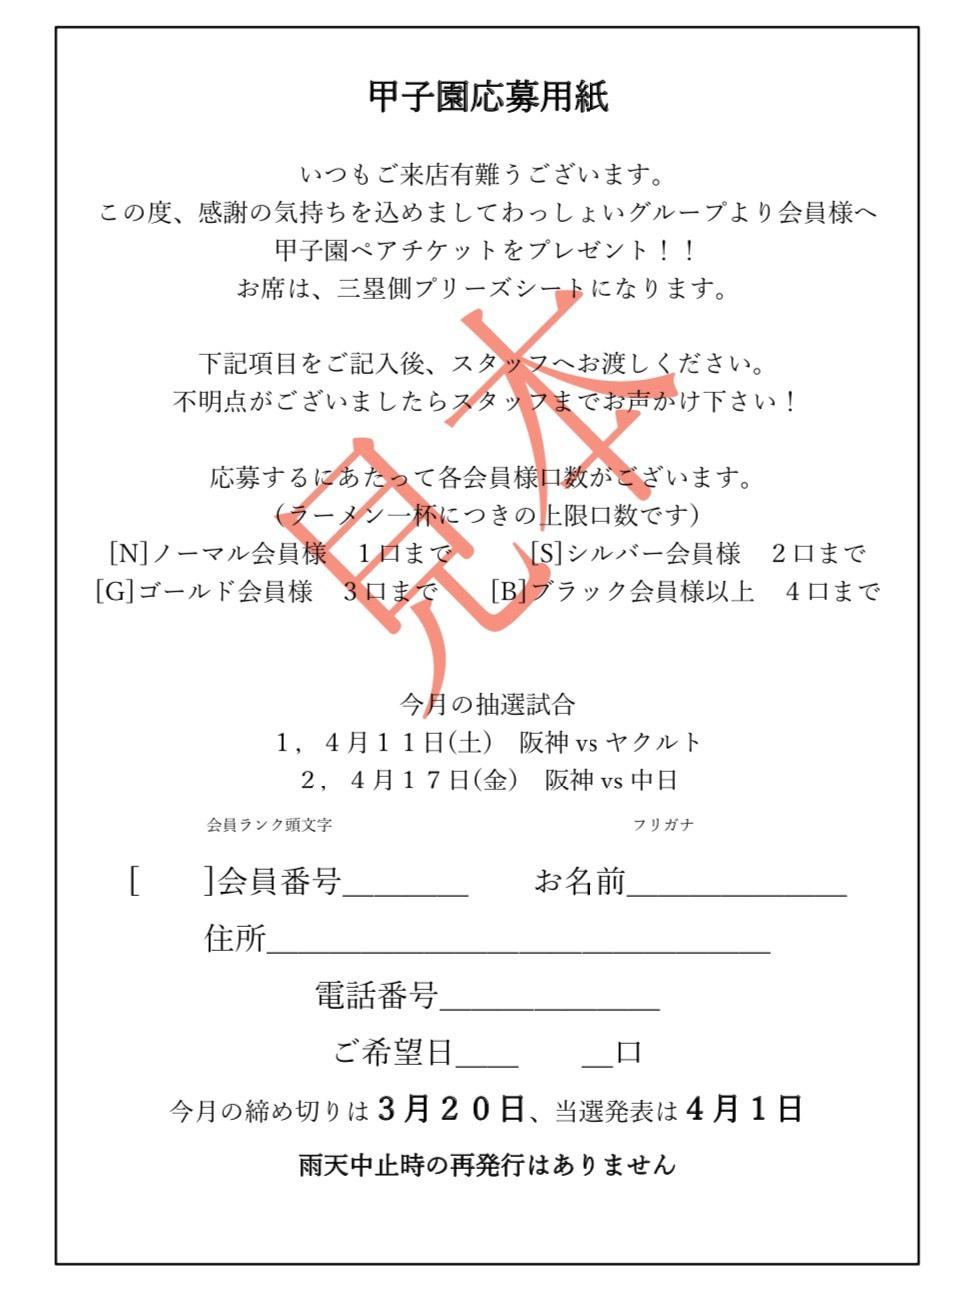 甲子園応募用紙見本